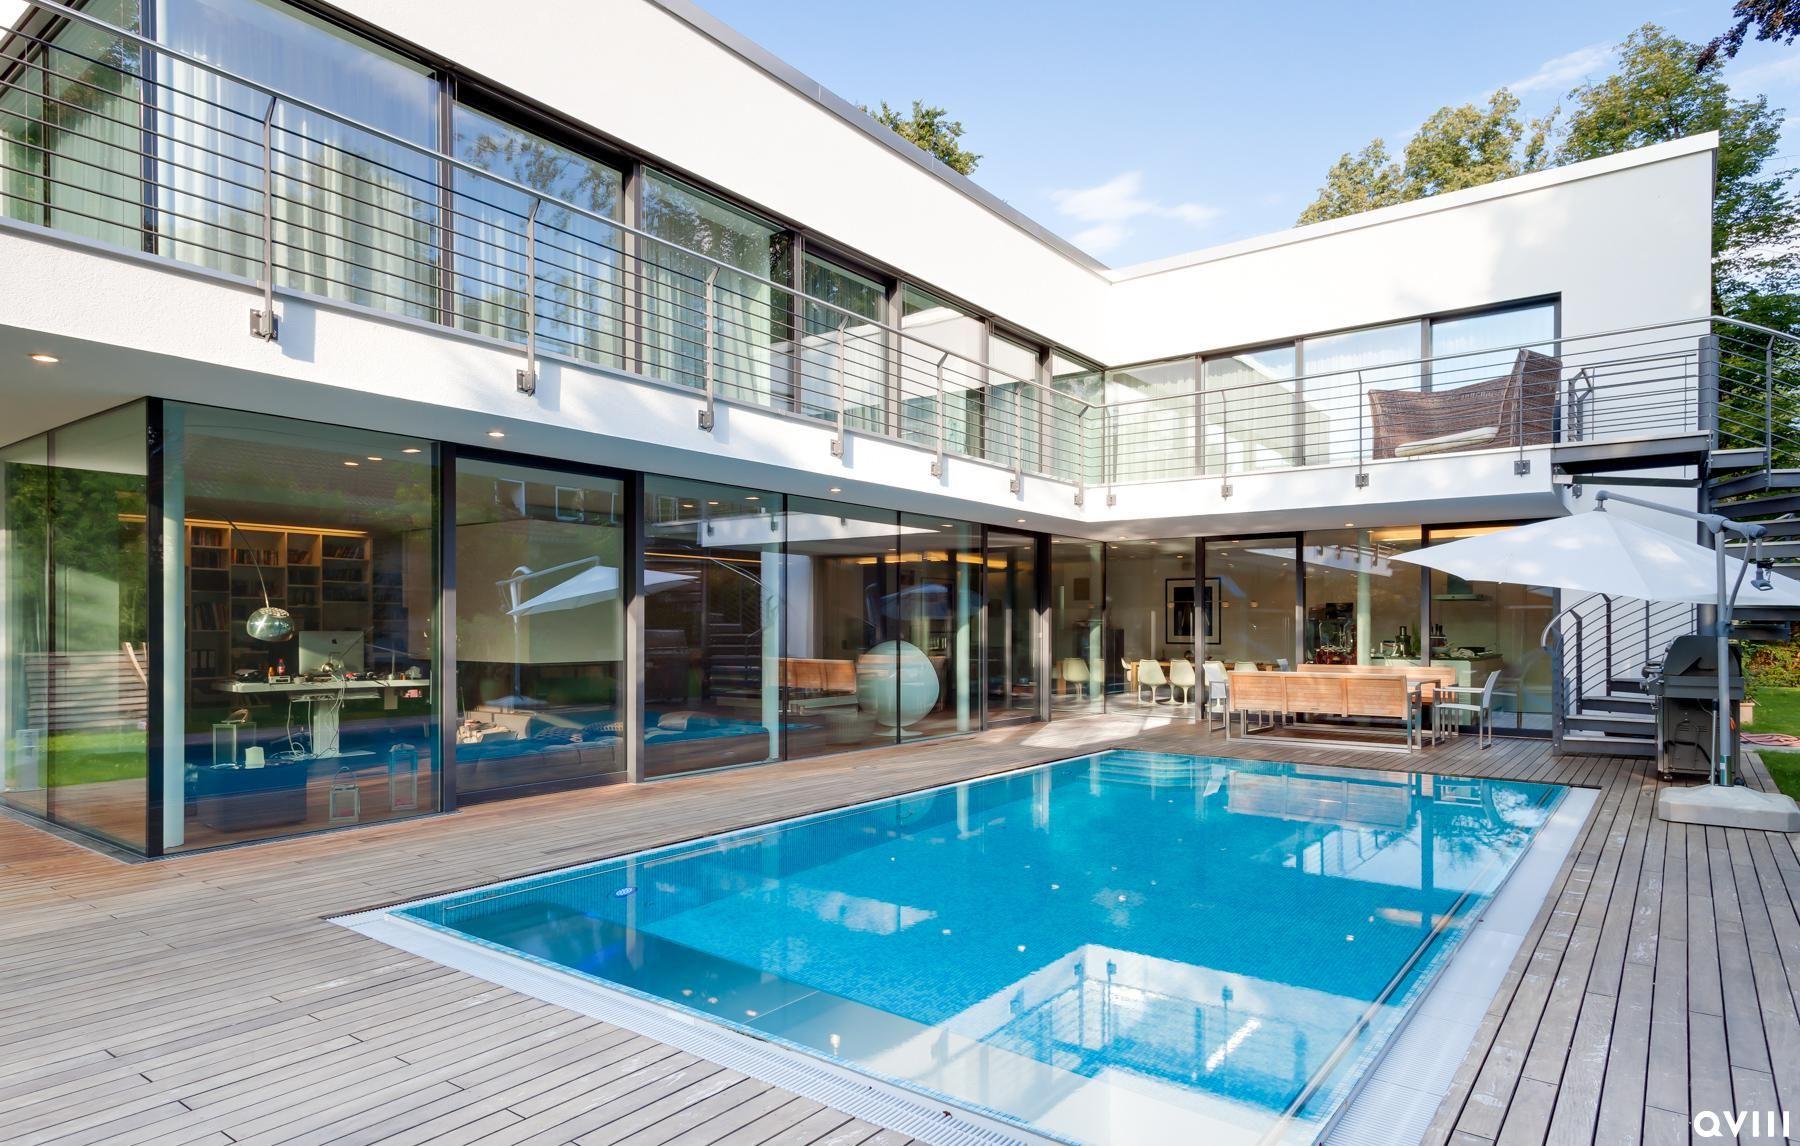 Moderne häuser mit innenpool  Immobilien München - Großzügiger Pool auf Terrasse einer Bauhaus ...